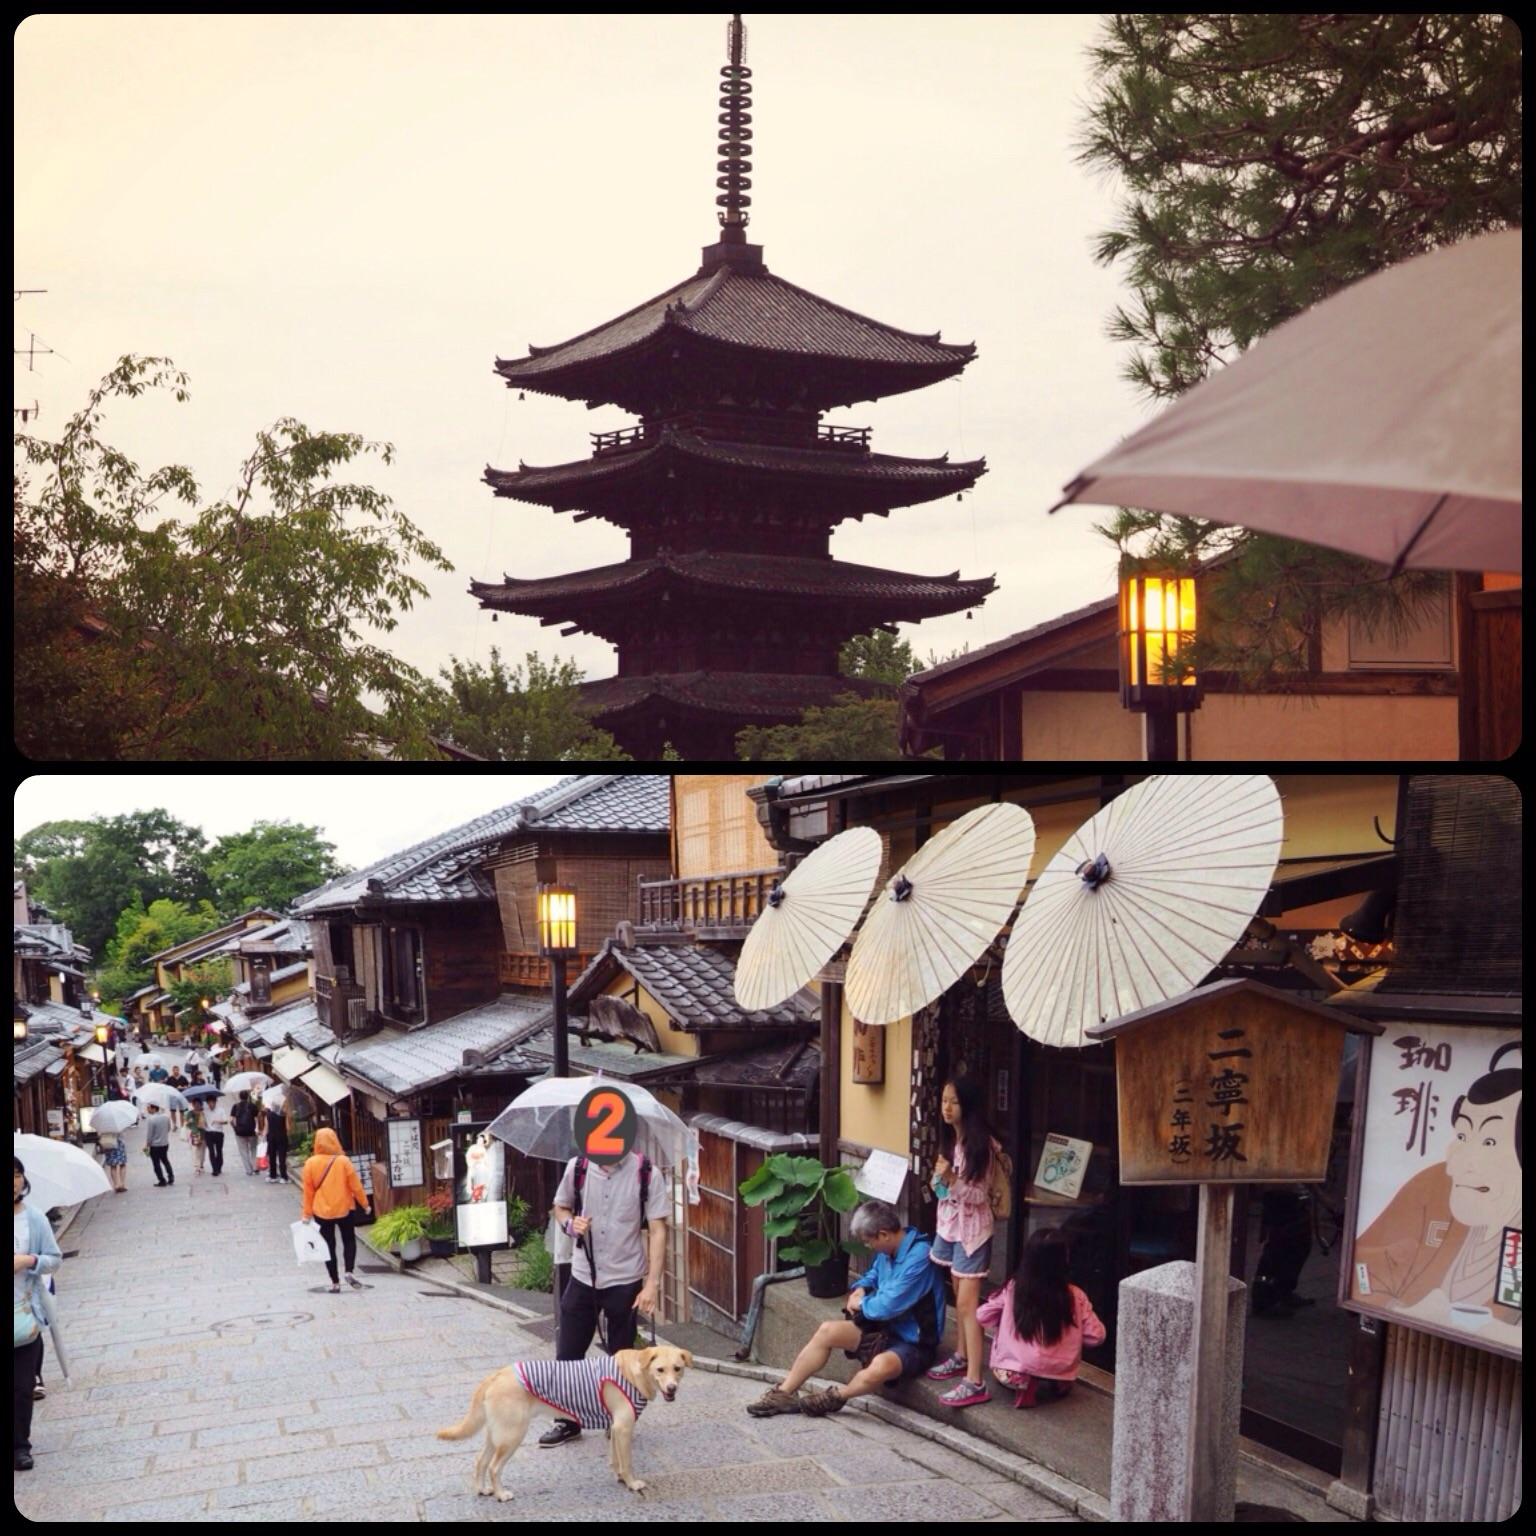 京都 犬 わんこ 旅行